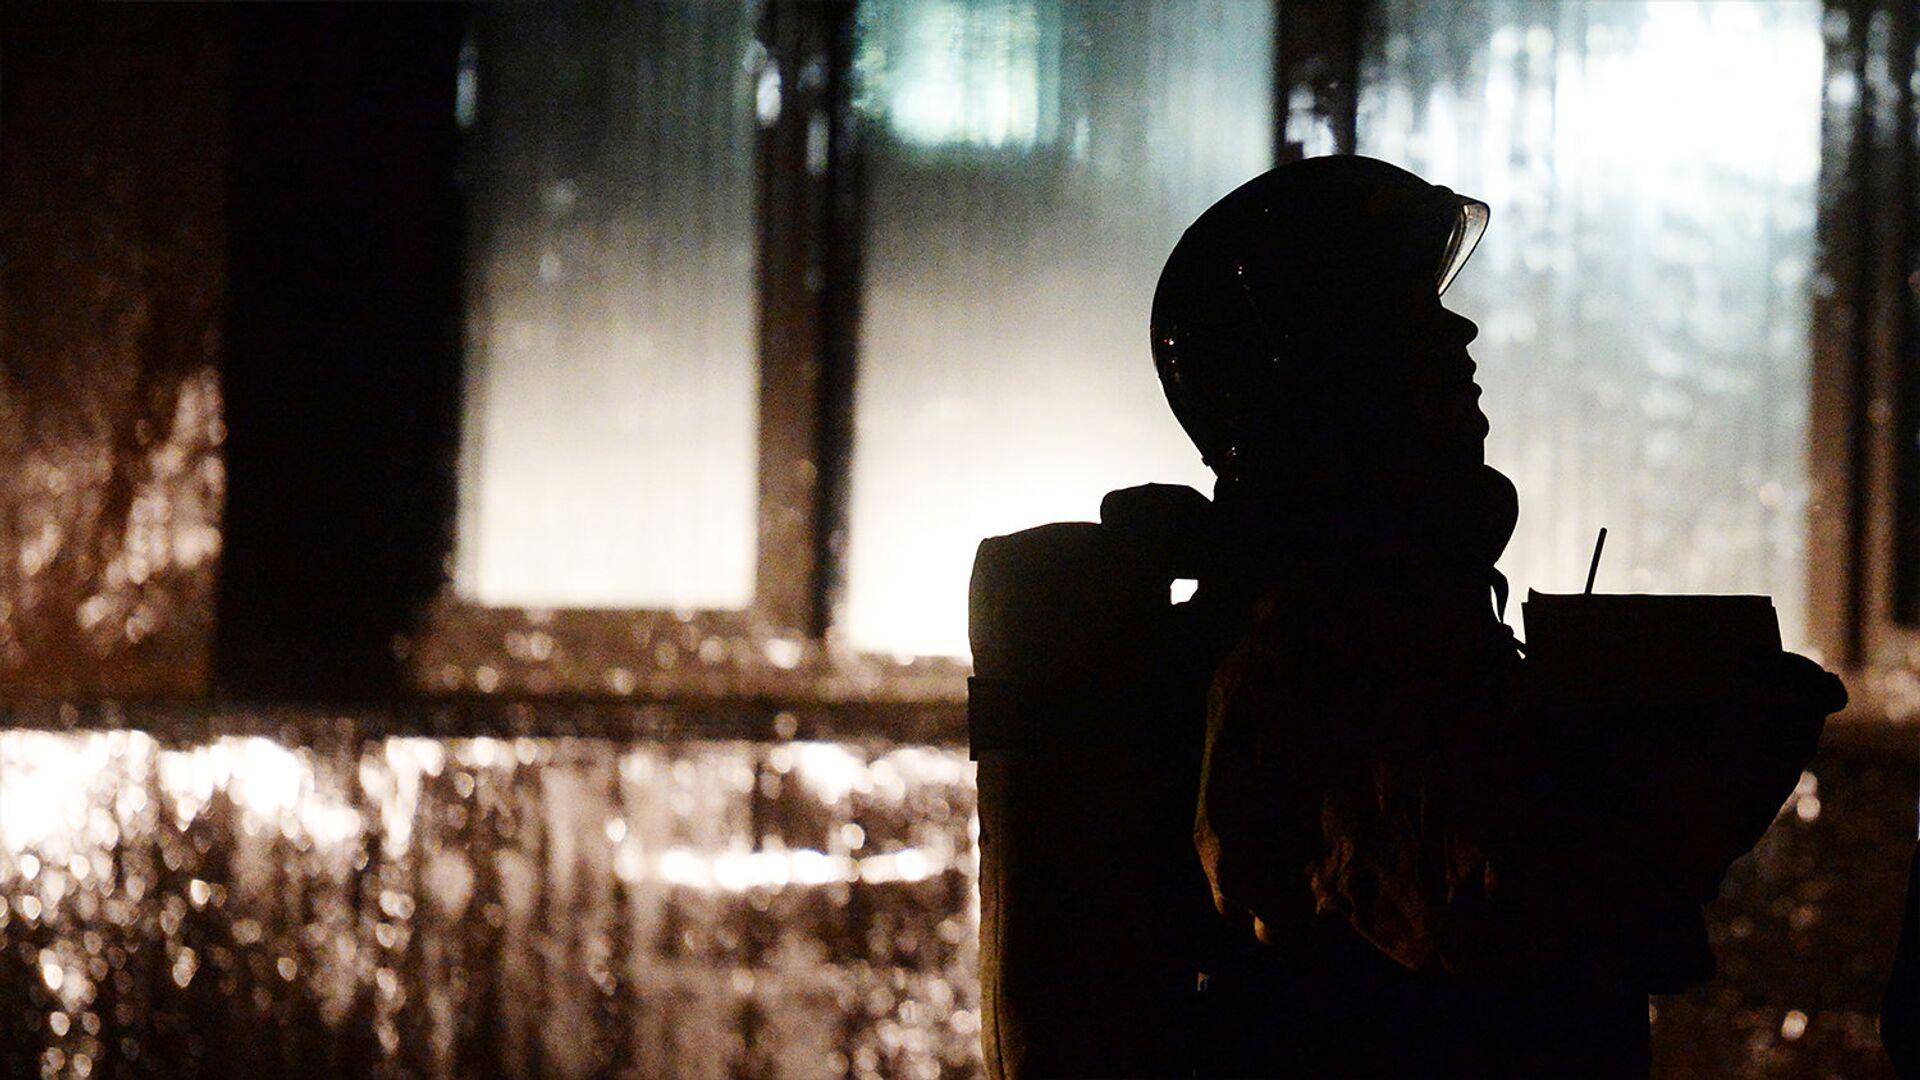 Сотрудник МЧС во время тушения пожара - Sputnik Ўзбекистон, 1920, 04.10.2021